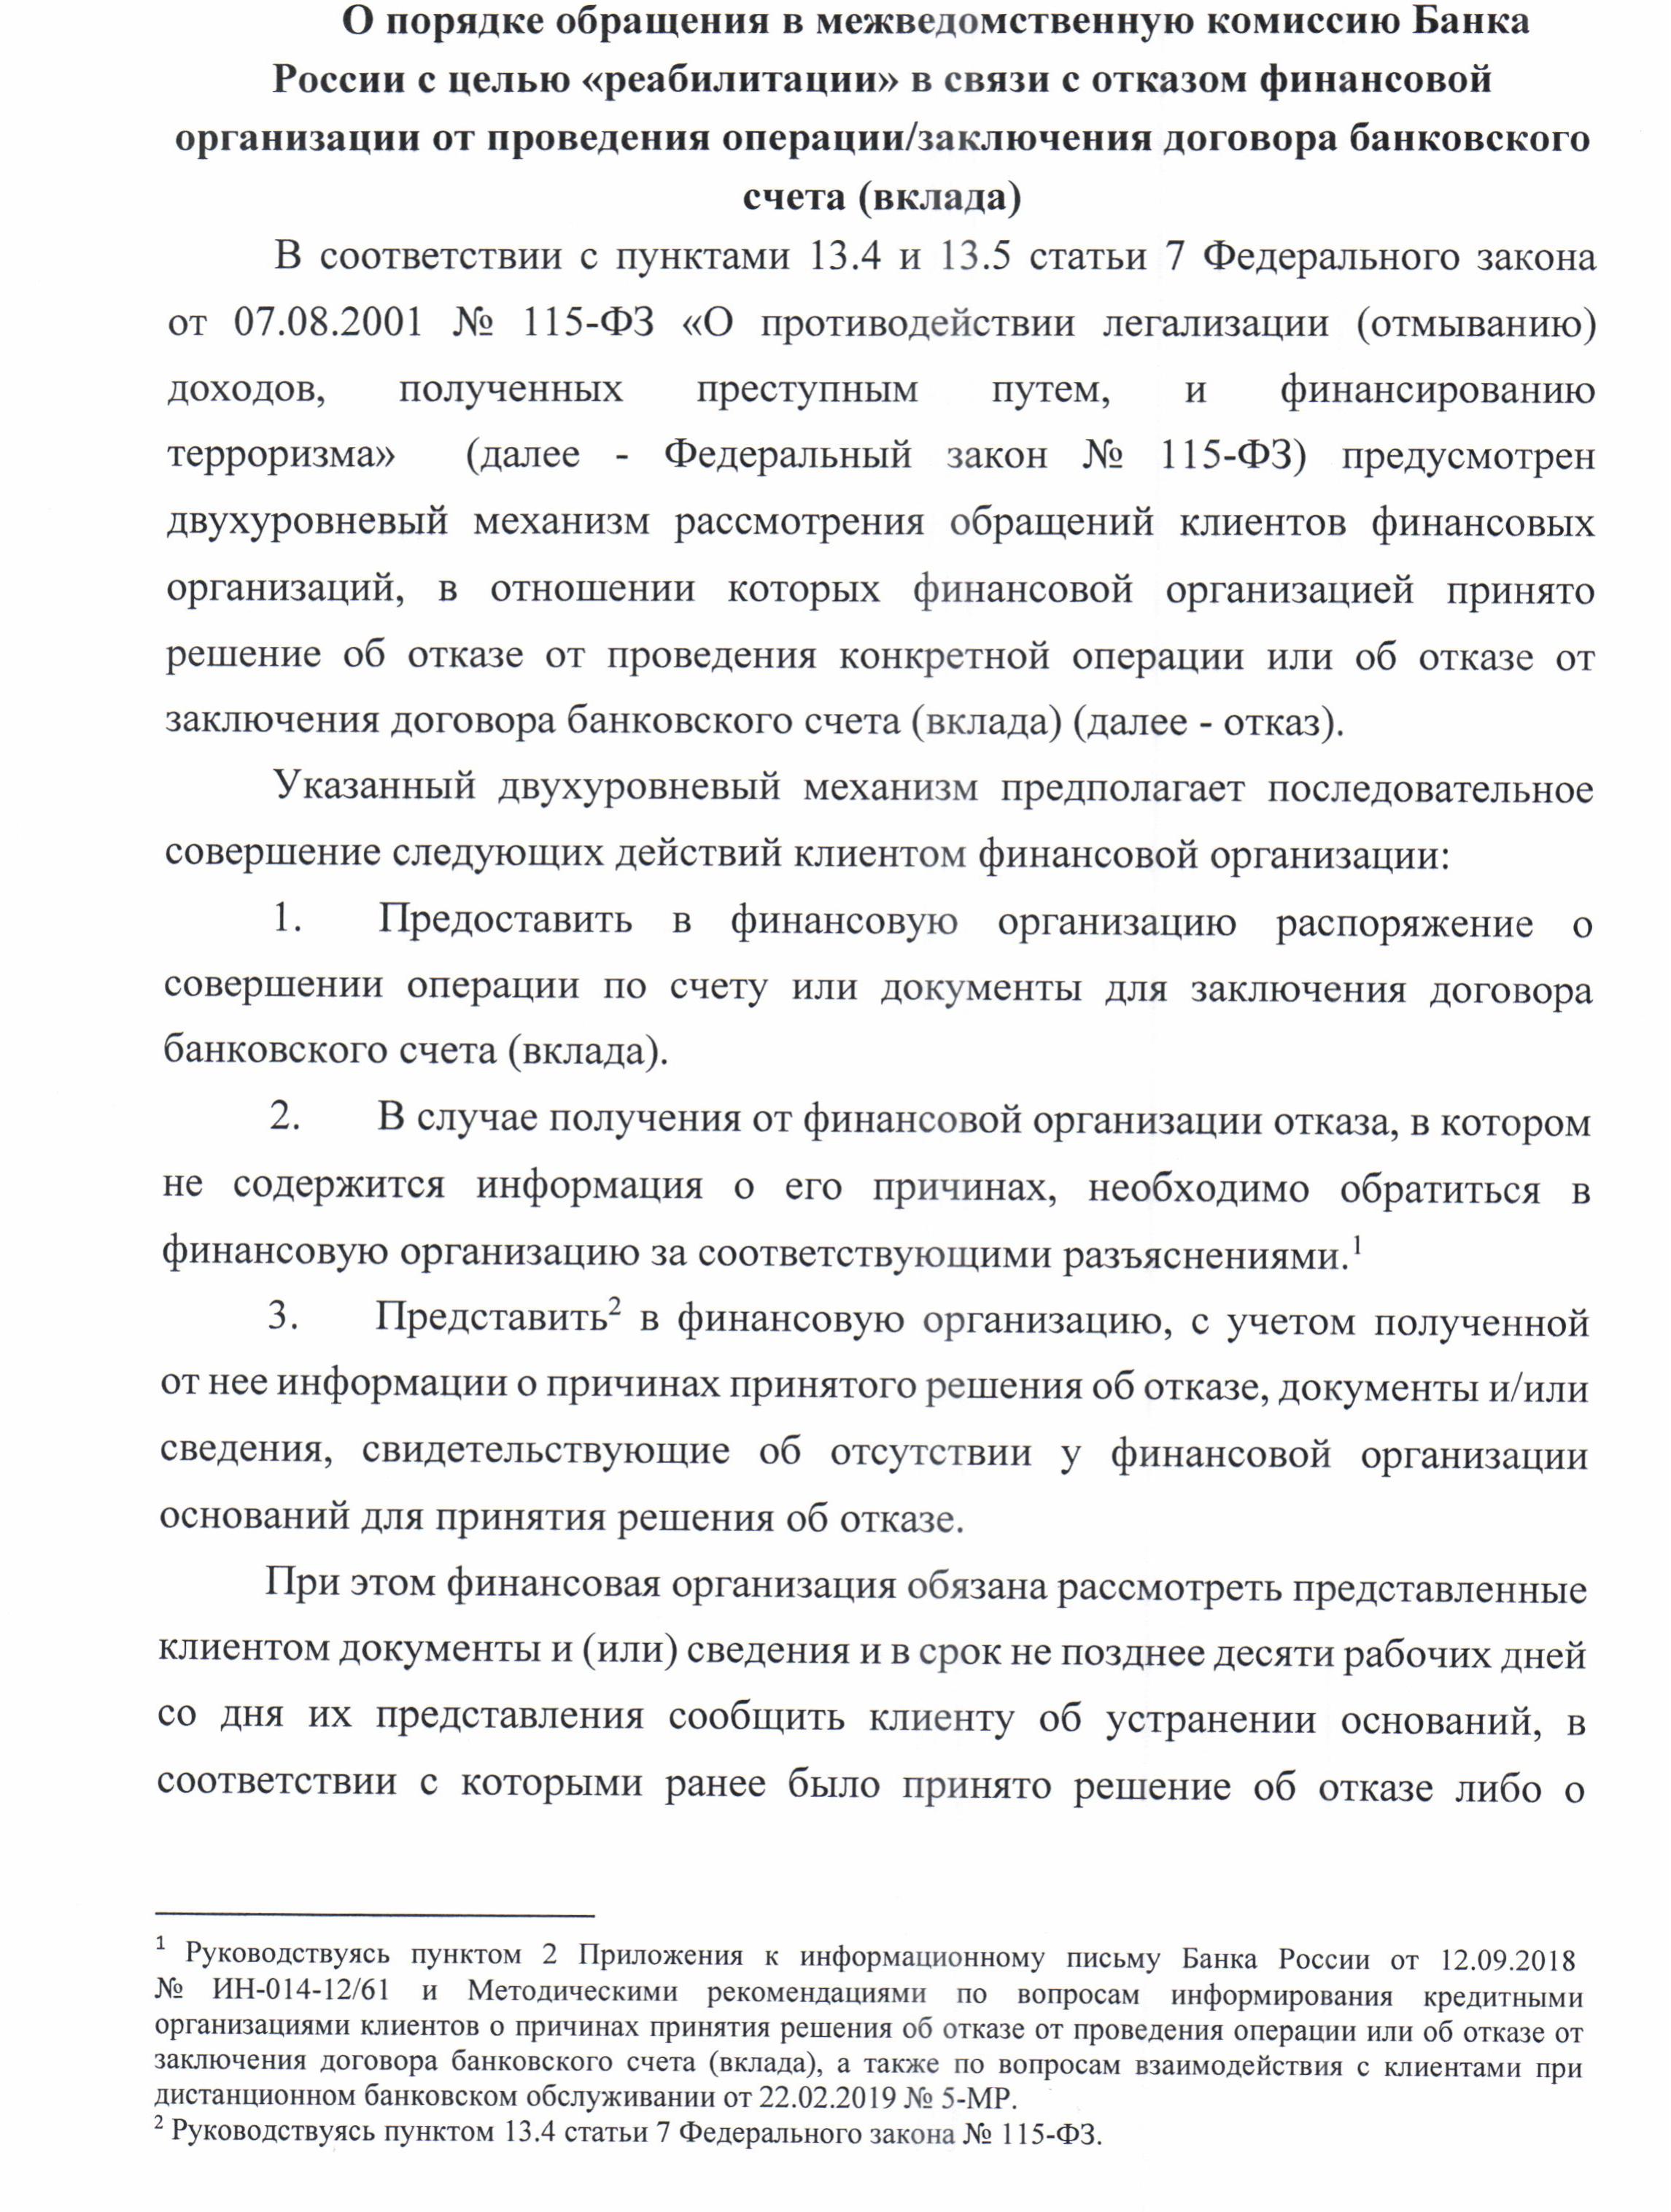 Банк России информирует субъекты МСП о правилах функционирования механизма реабилитации в связи с отказом кредитной организации от проведения операции/заключения договора банковского счета (вклада)